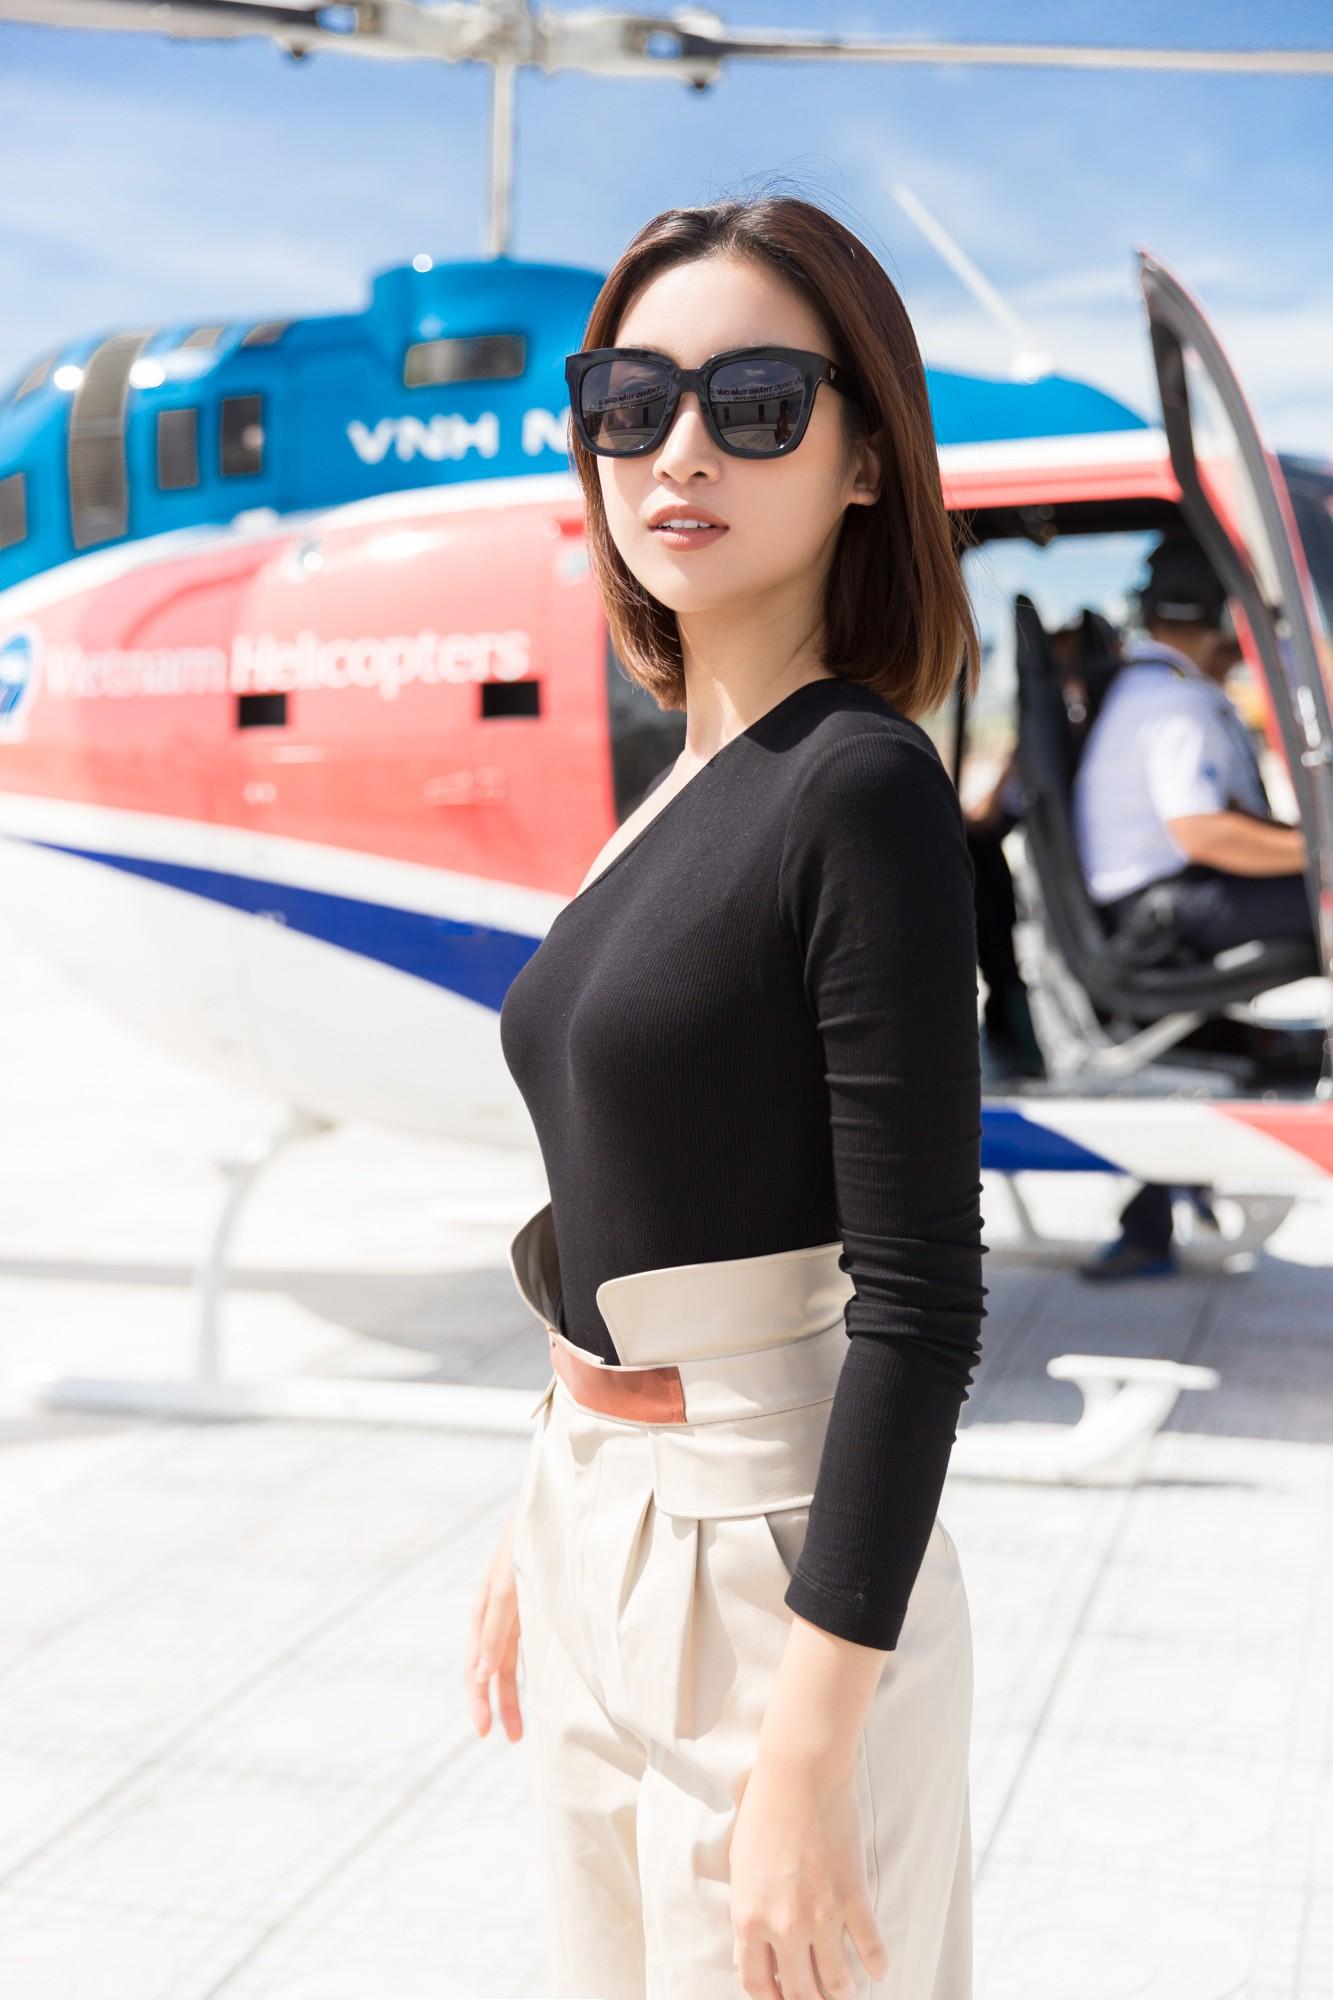 Sau tin đồn có bạn trai, Đỗ Mỹ Linh tươi tắn xuất hiện đồng hành cùng thí sinh Miss World Việt trước đêm thi quan trọng - Ảnh 2.